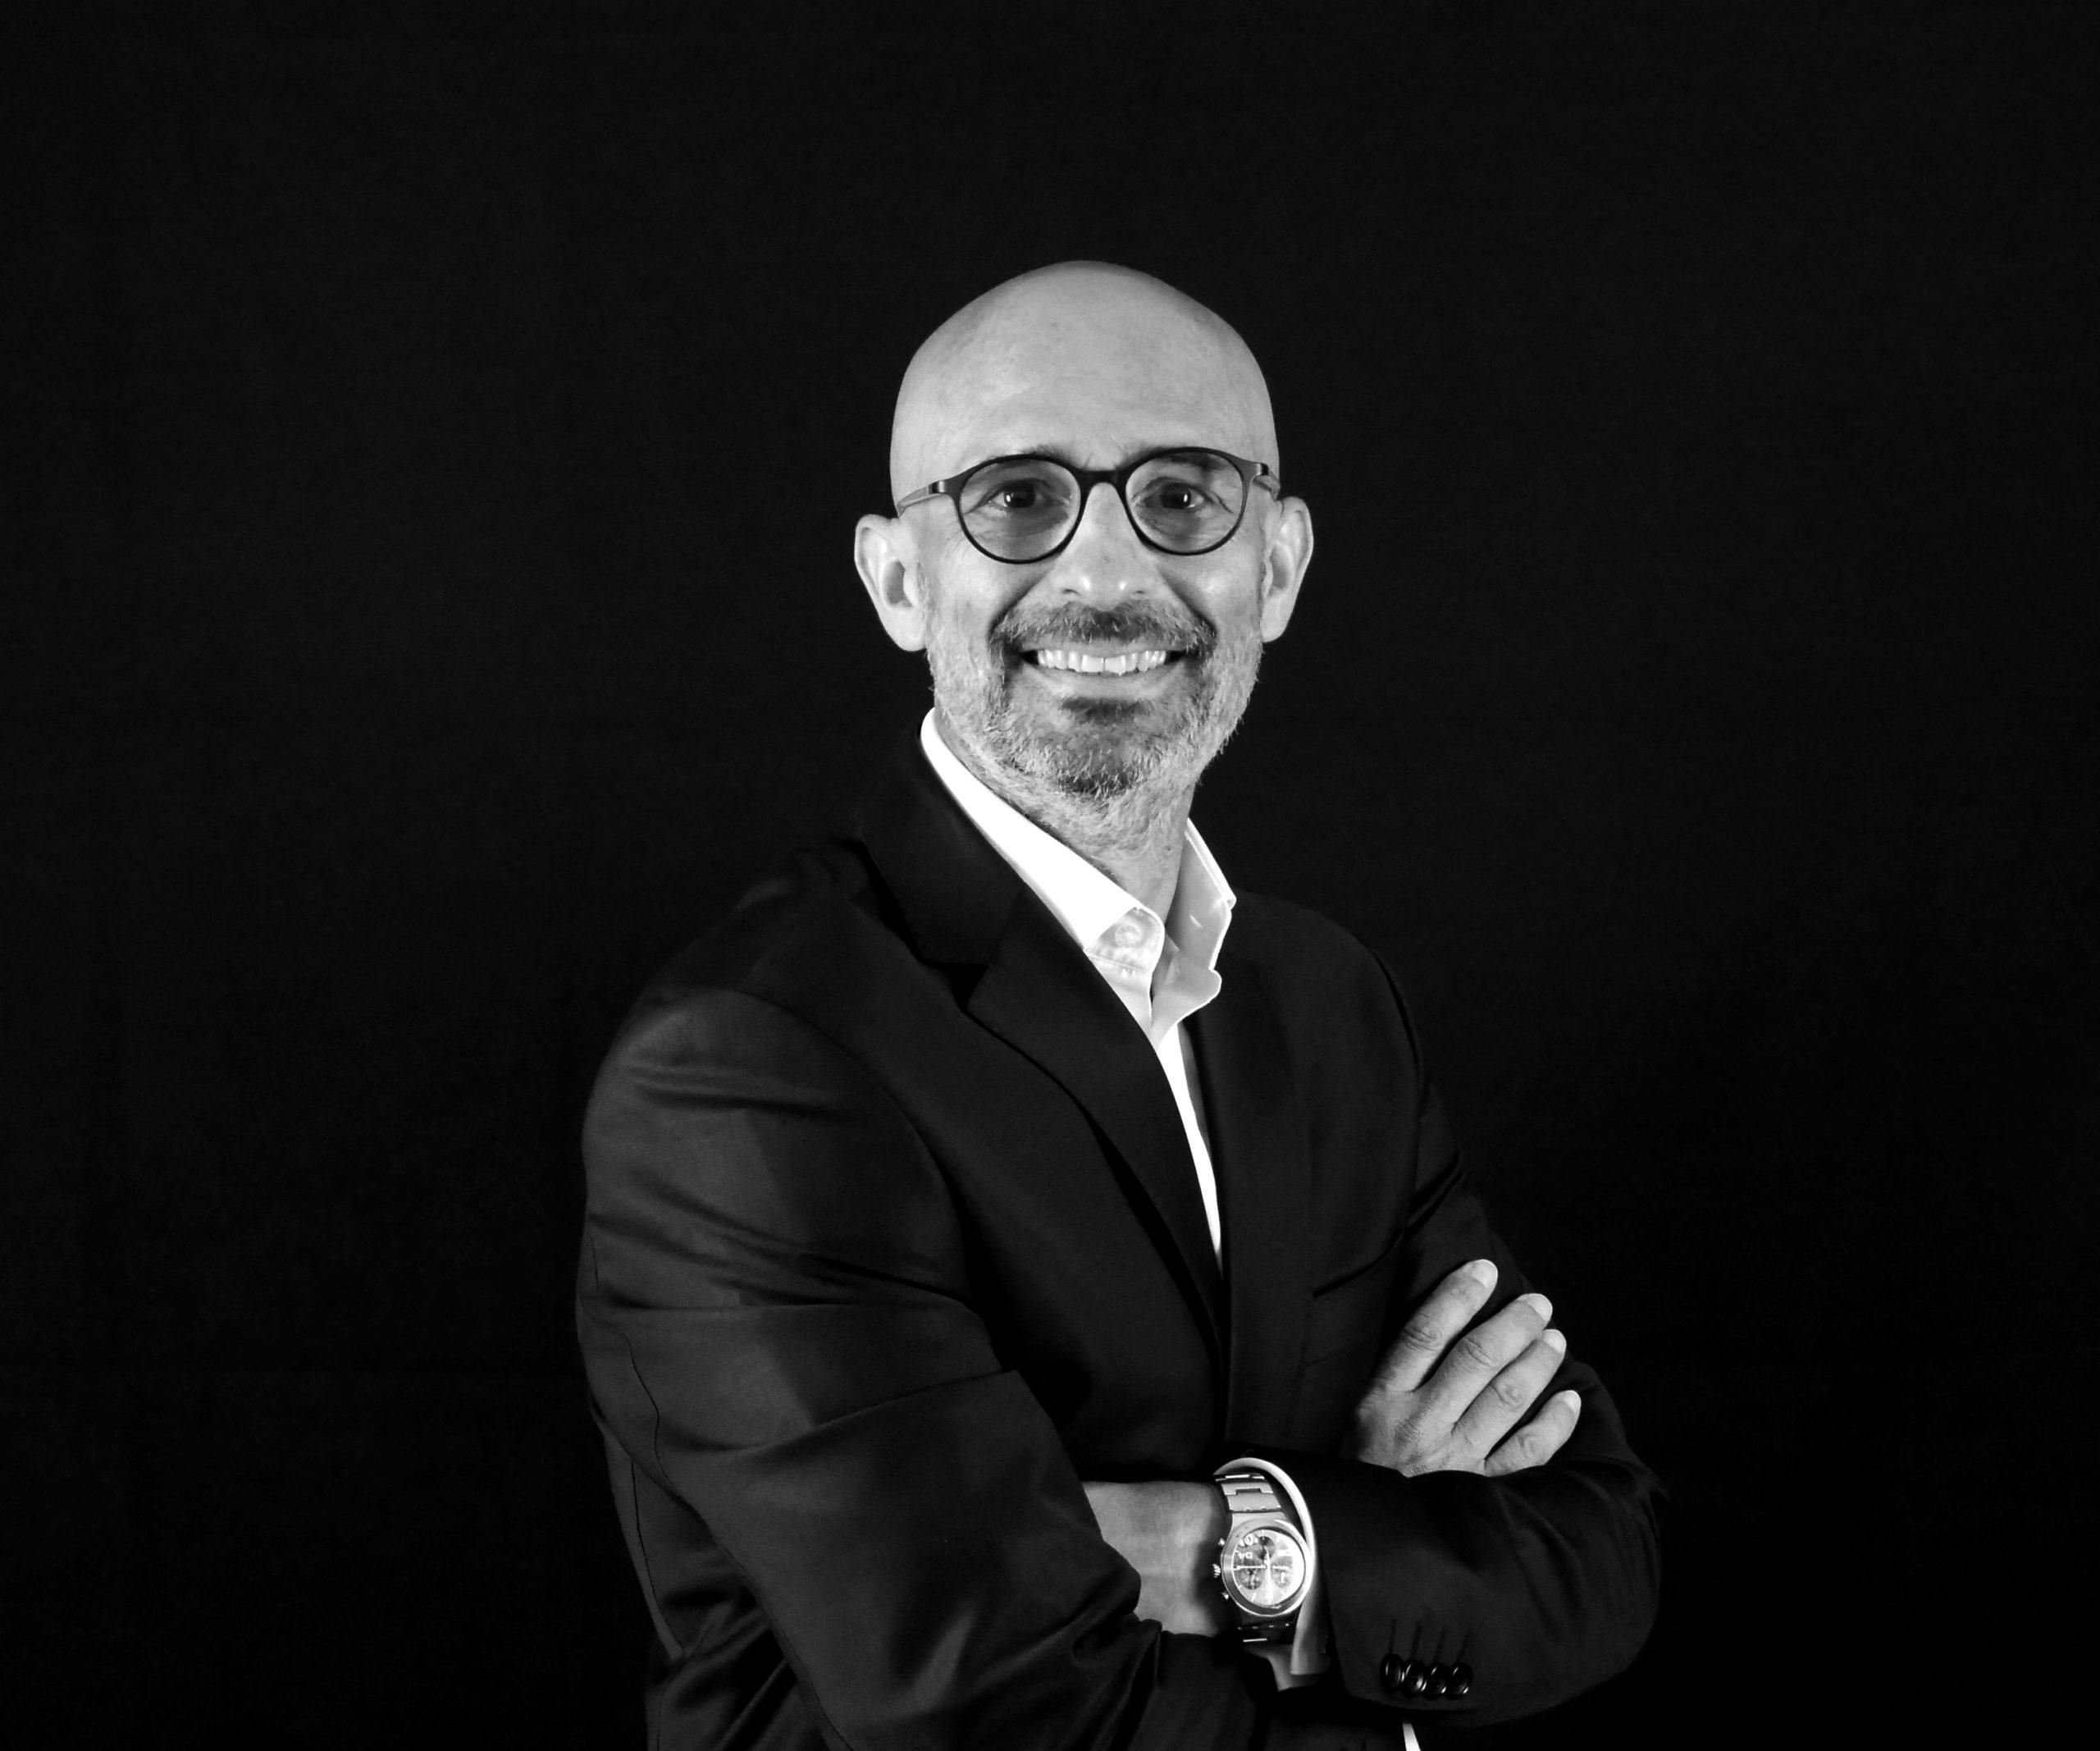 Gérald Ferraro président du Groupe Solware - développeur et intégrateur de logiciels pour le secteur de la santé et de l'automobile